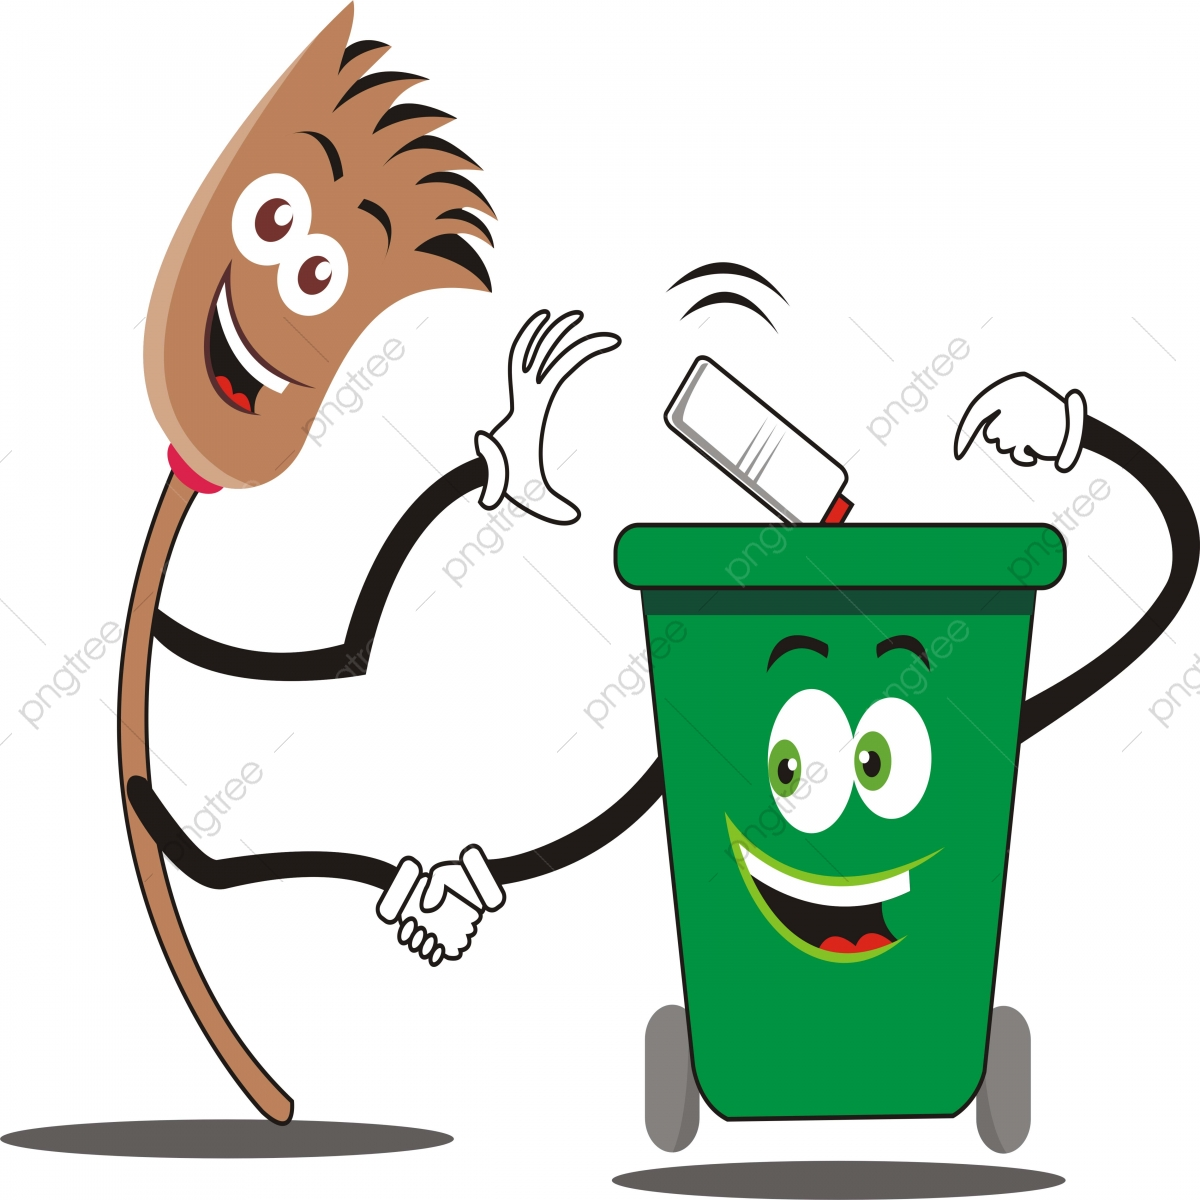 Gambar Ilustrasi Vektor Penyapu Dan Tong Sampah Boleh Tong Sampah Sampah Png Dan Vektor Untuk Muat Turun Percuma